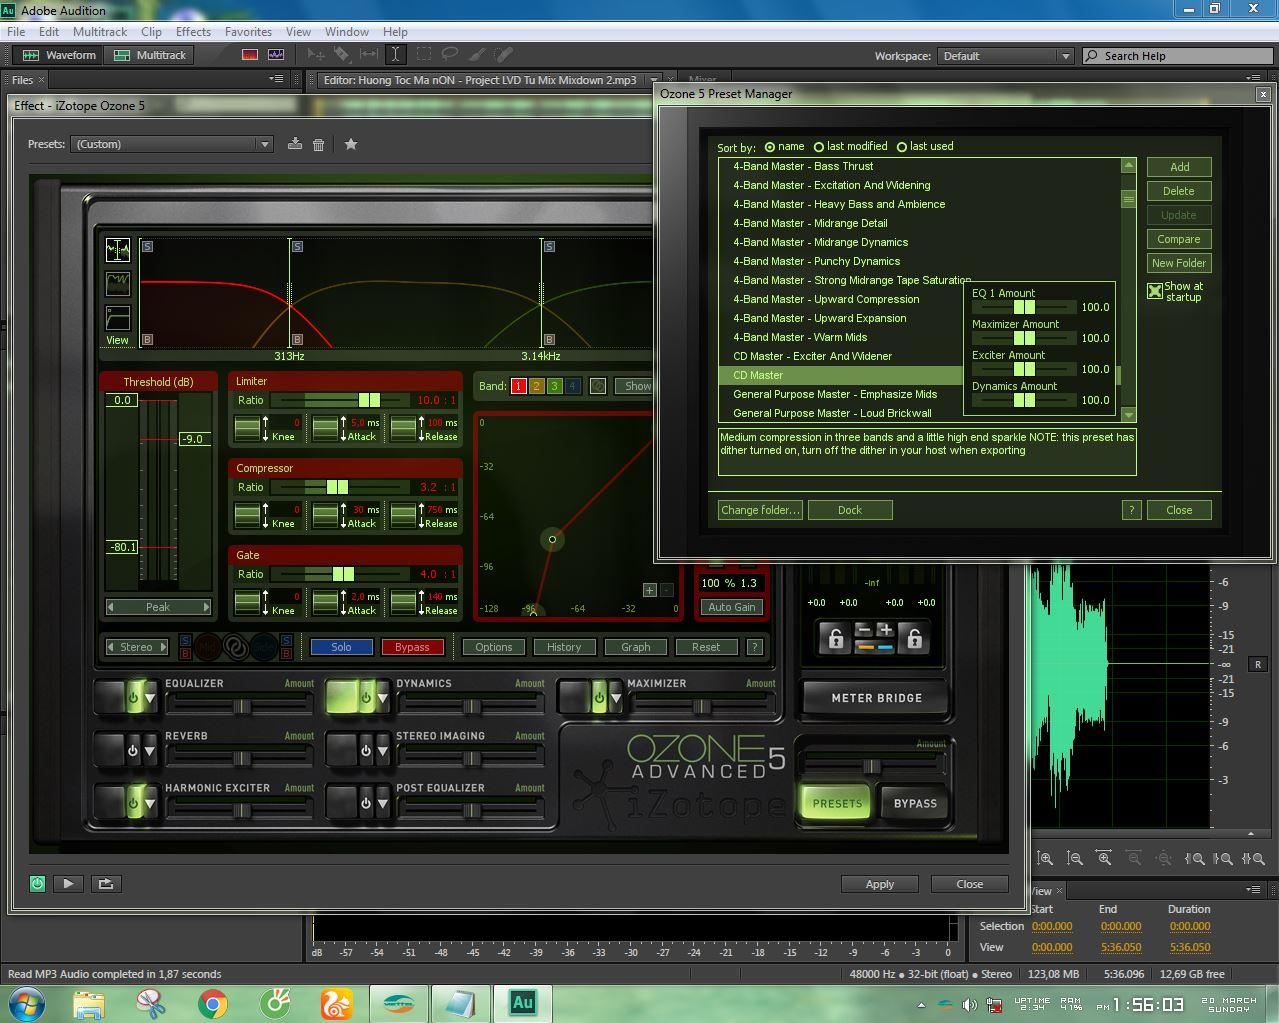 Chia sẻ Project và hướng dẫn Mix nhạc trên Adobe Audition